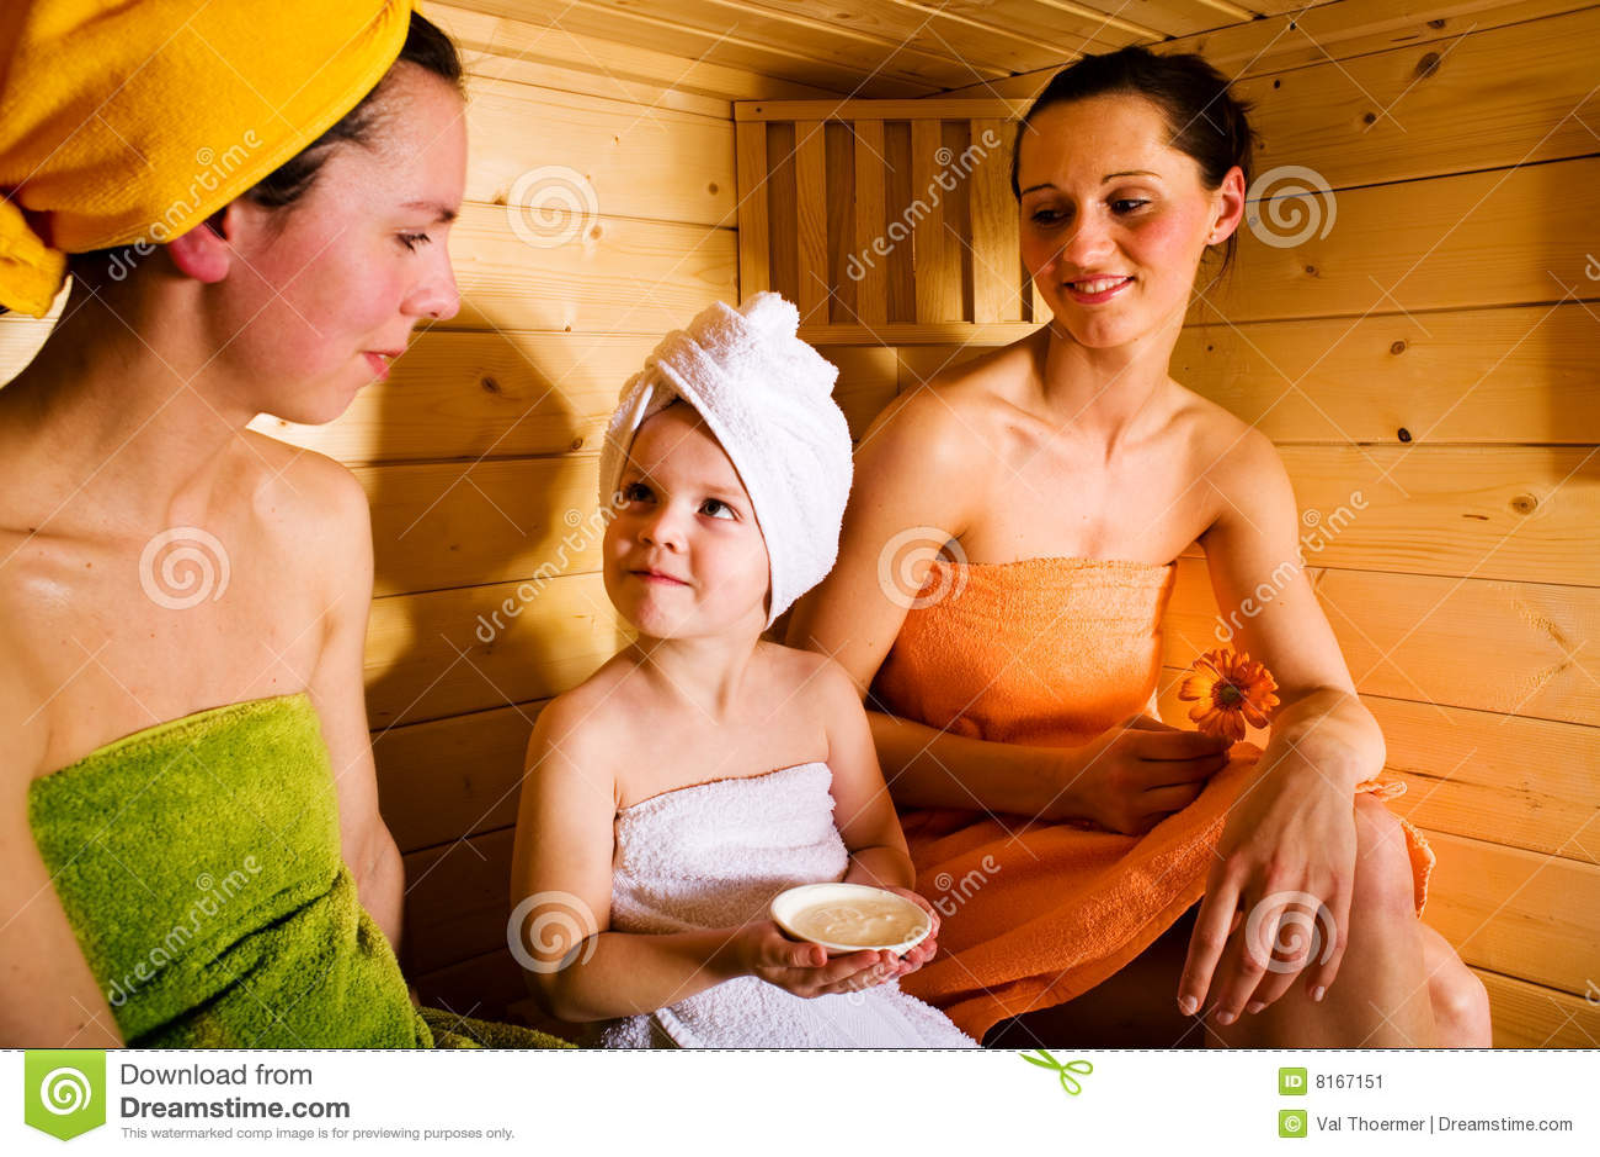 Фото в бане всей семьей 15 фотография